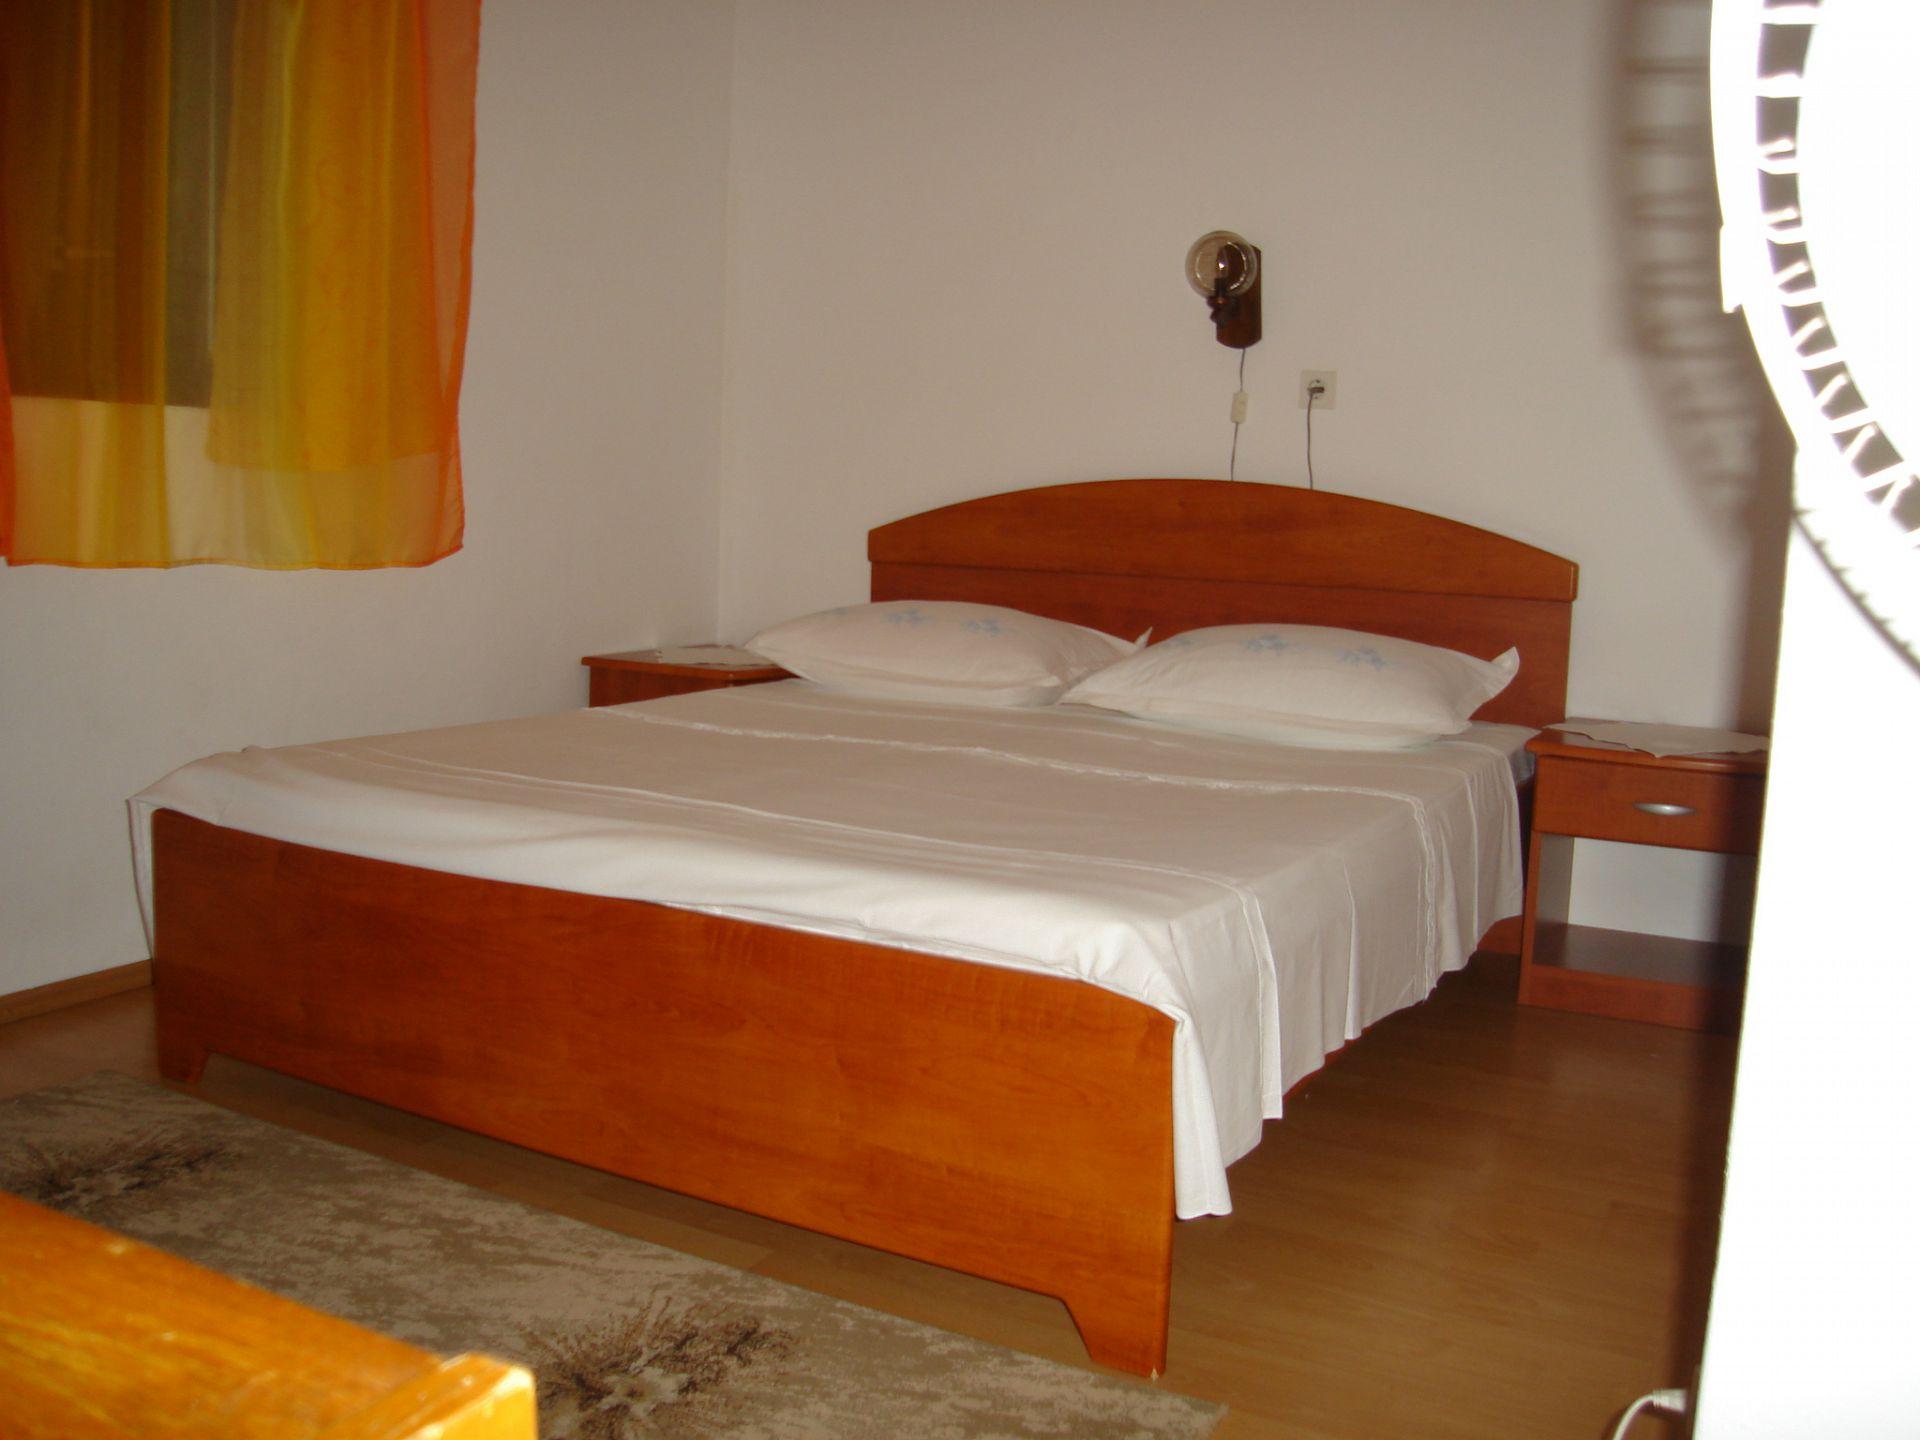 Ferienhaus Smi H1(4+1) - Sucuraj (742077), Sucuraj, Insel Hvar, Dalmatien, Kroatien, Bild 9